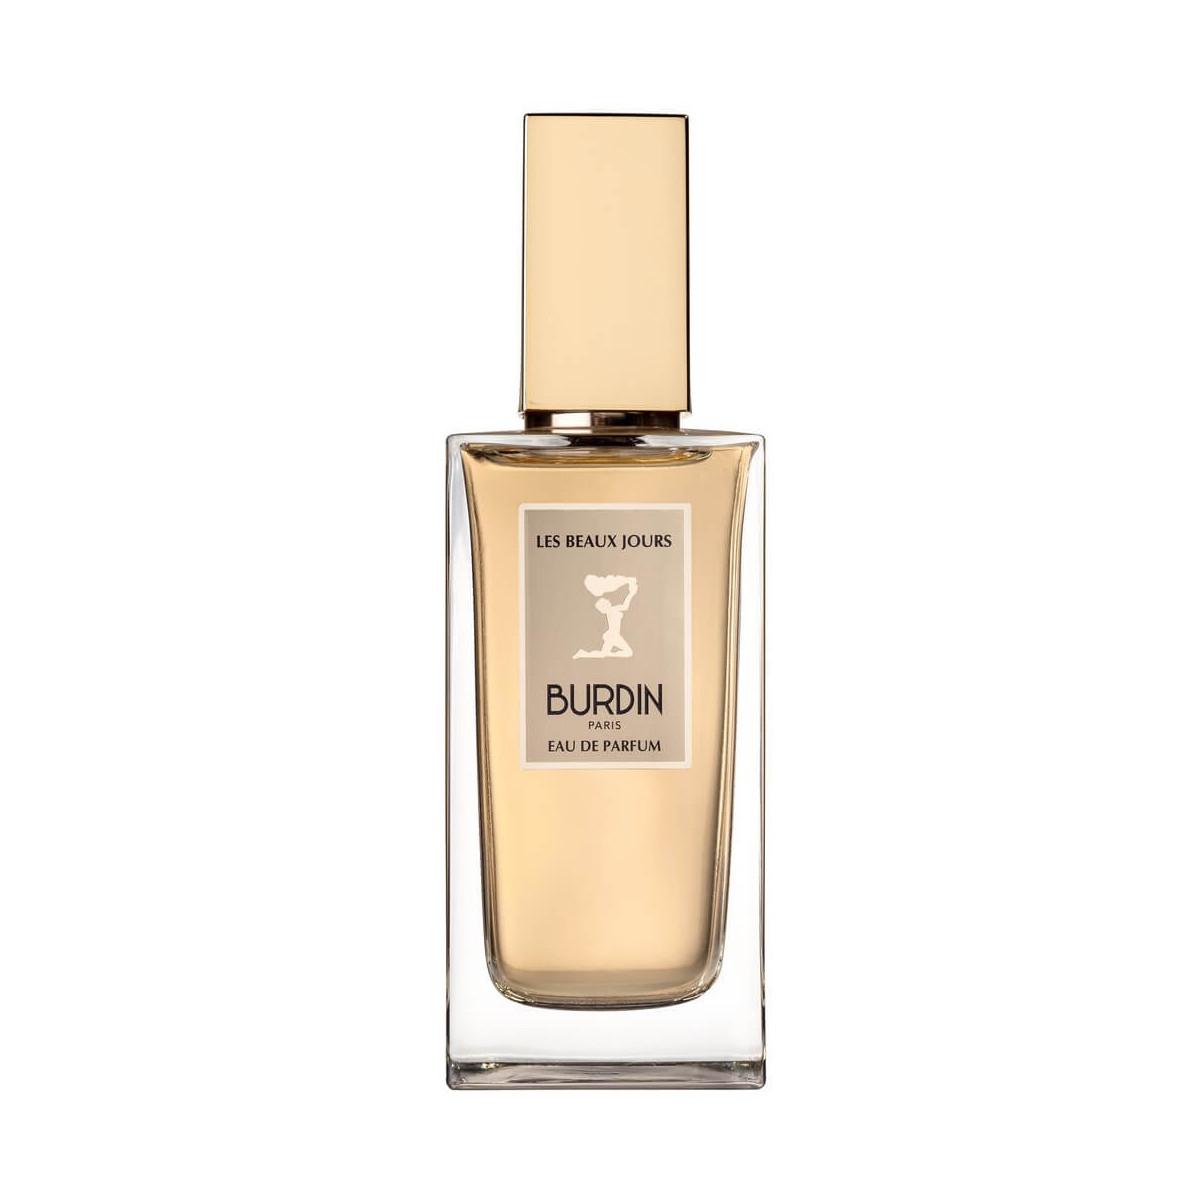 Burdin Les Beaux Jours Eau De Parfum 100 ml (woman) 91203